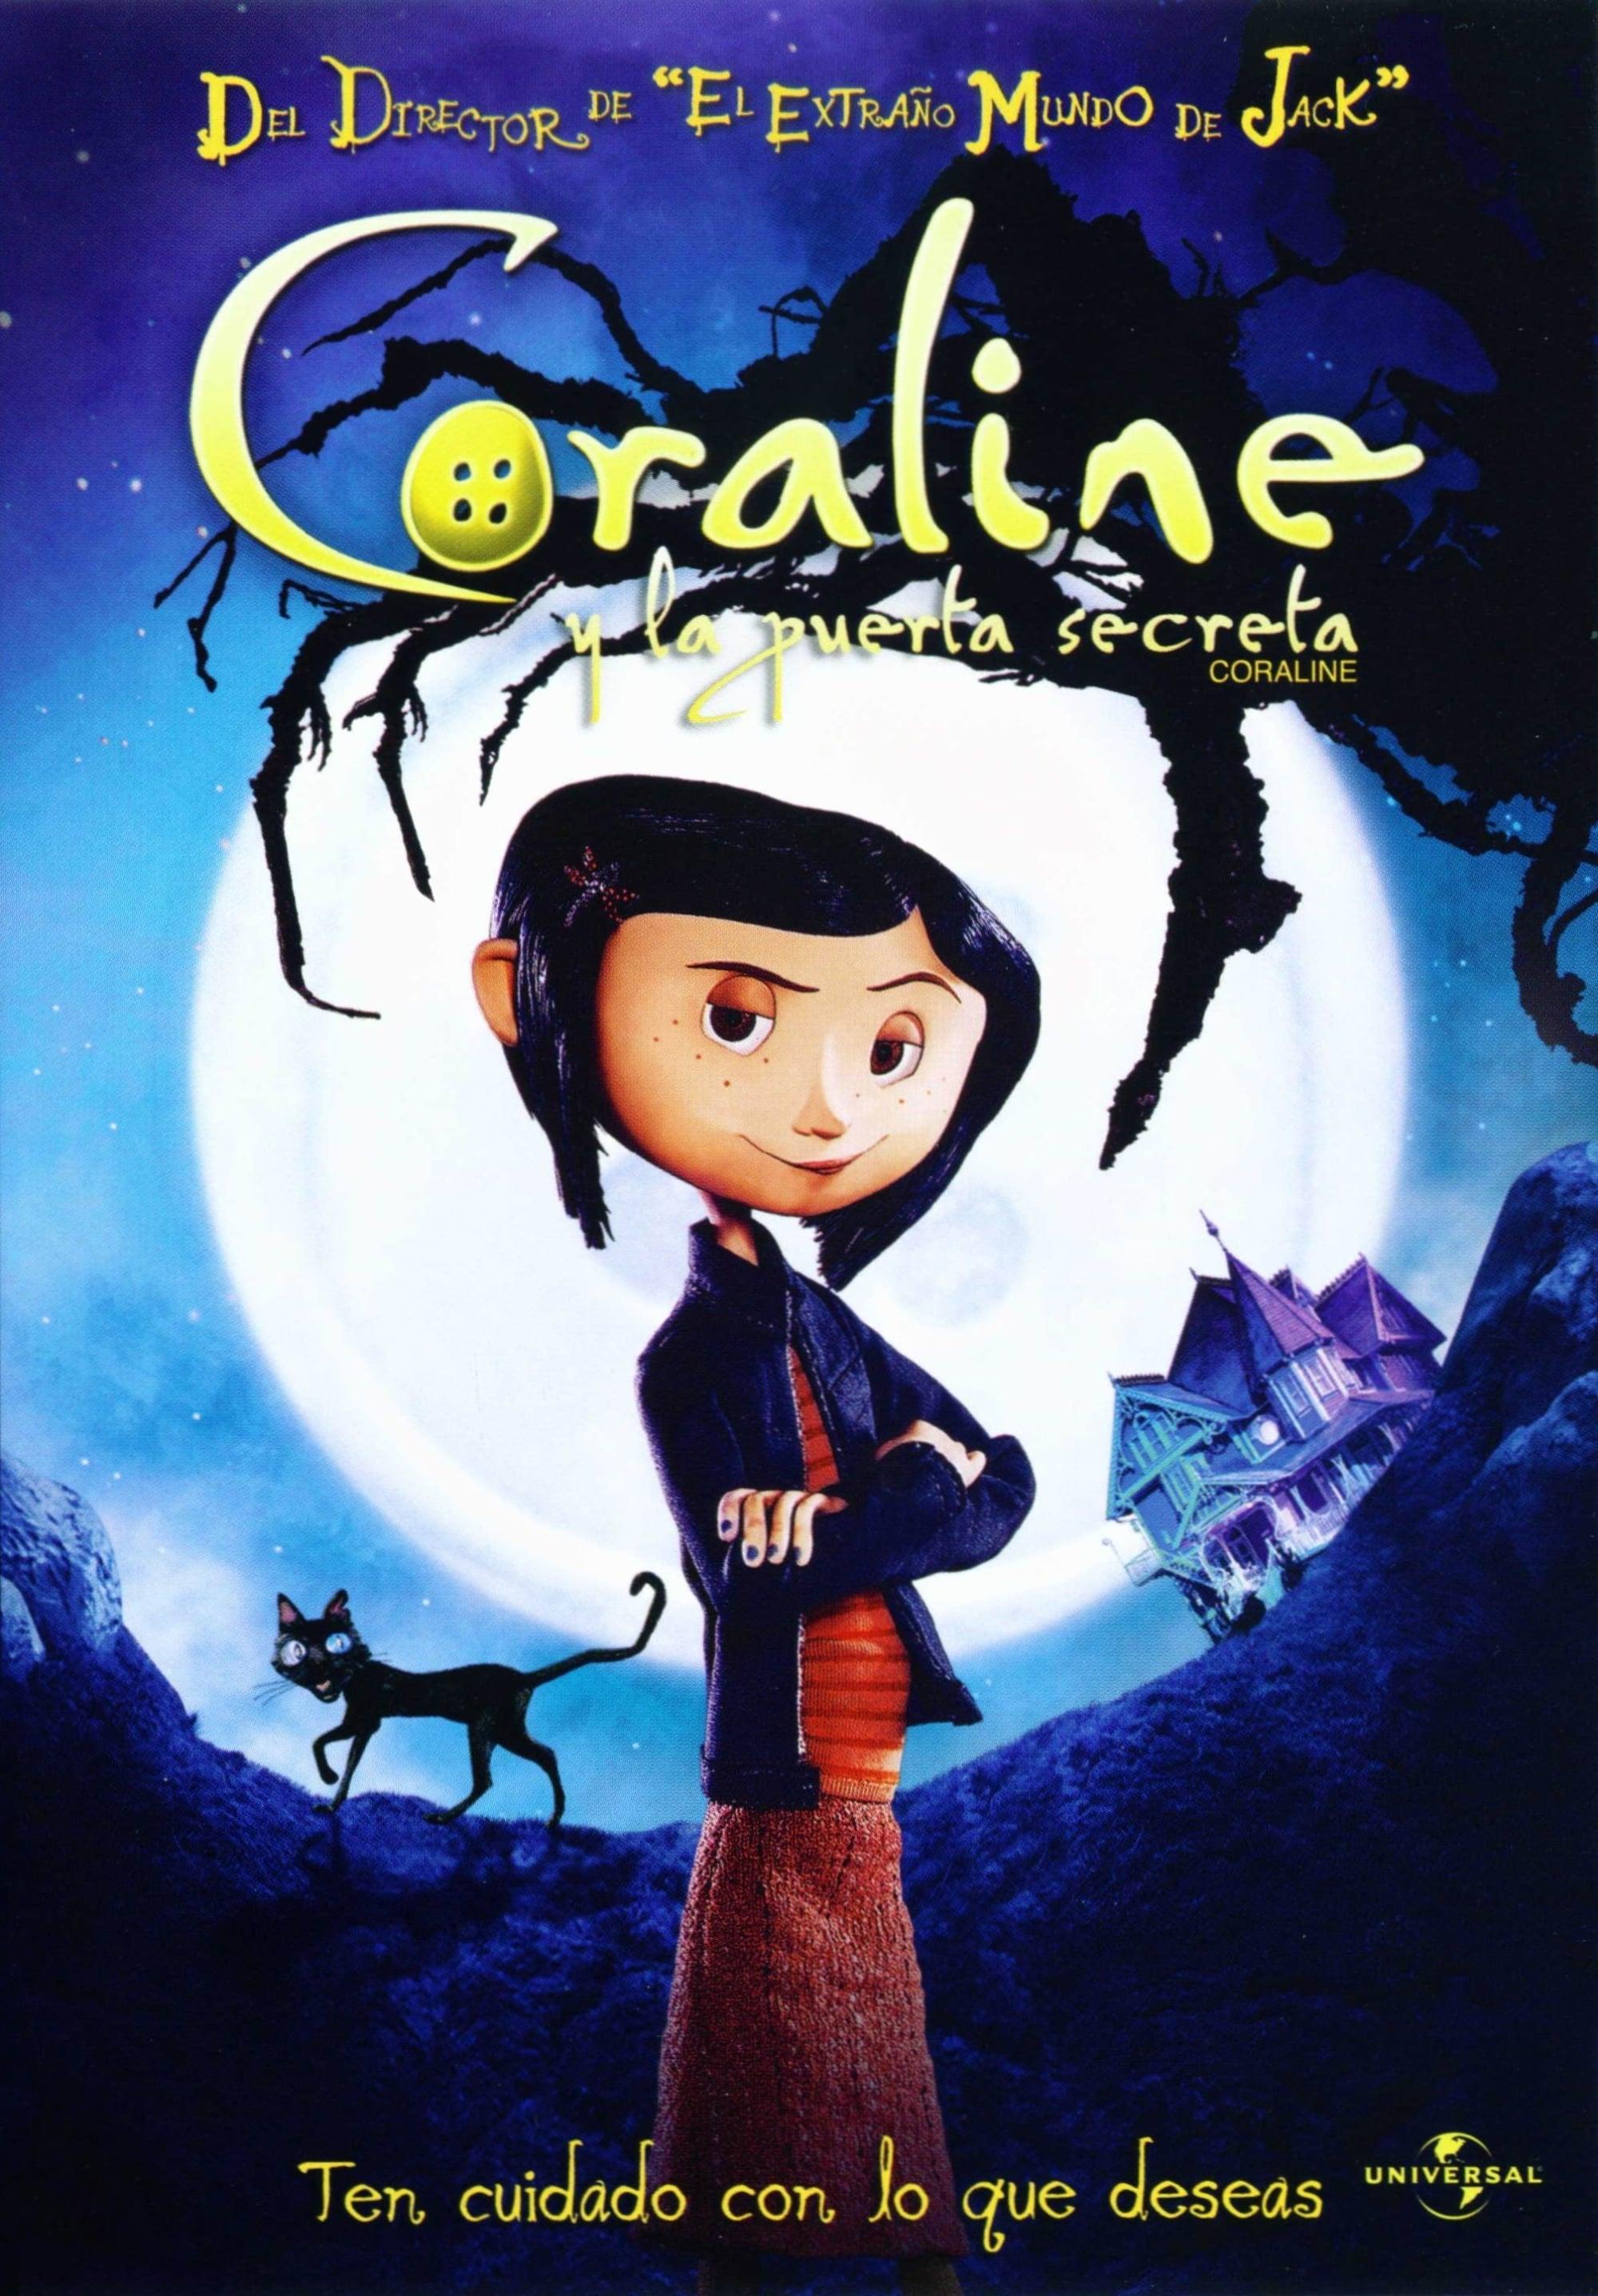 Coraline y la puerta secreta